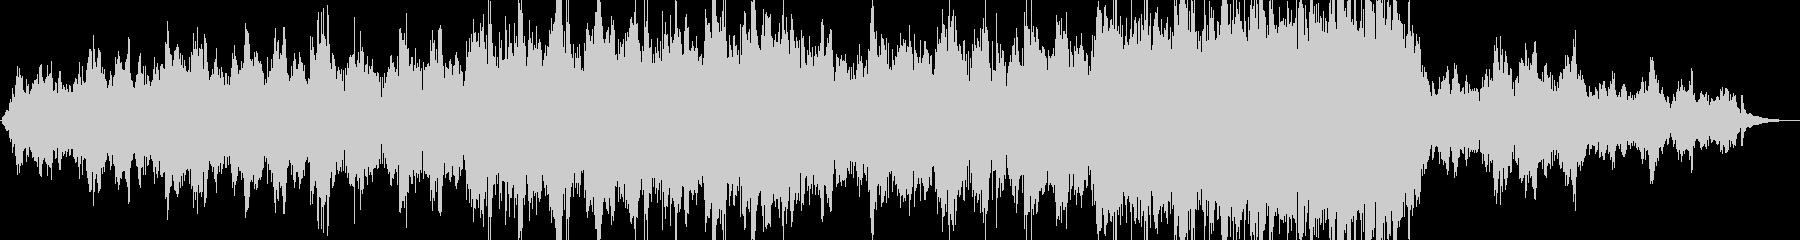 涙を誘う感じのハッピーなピアノBGMの未再生の波形